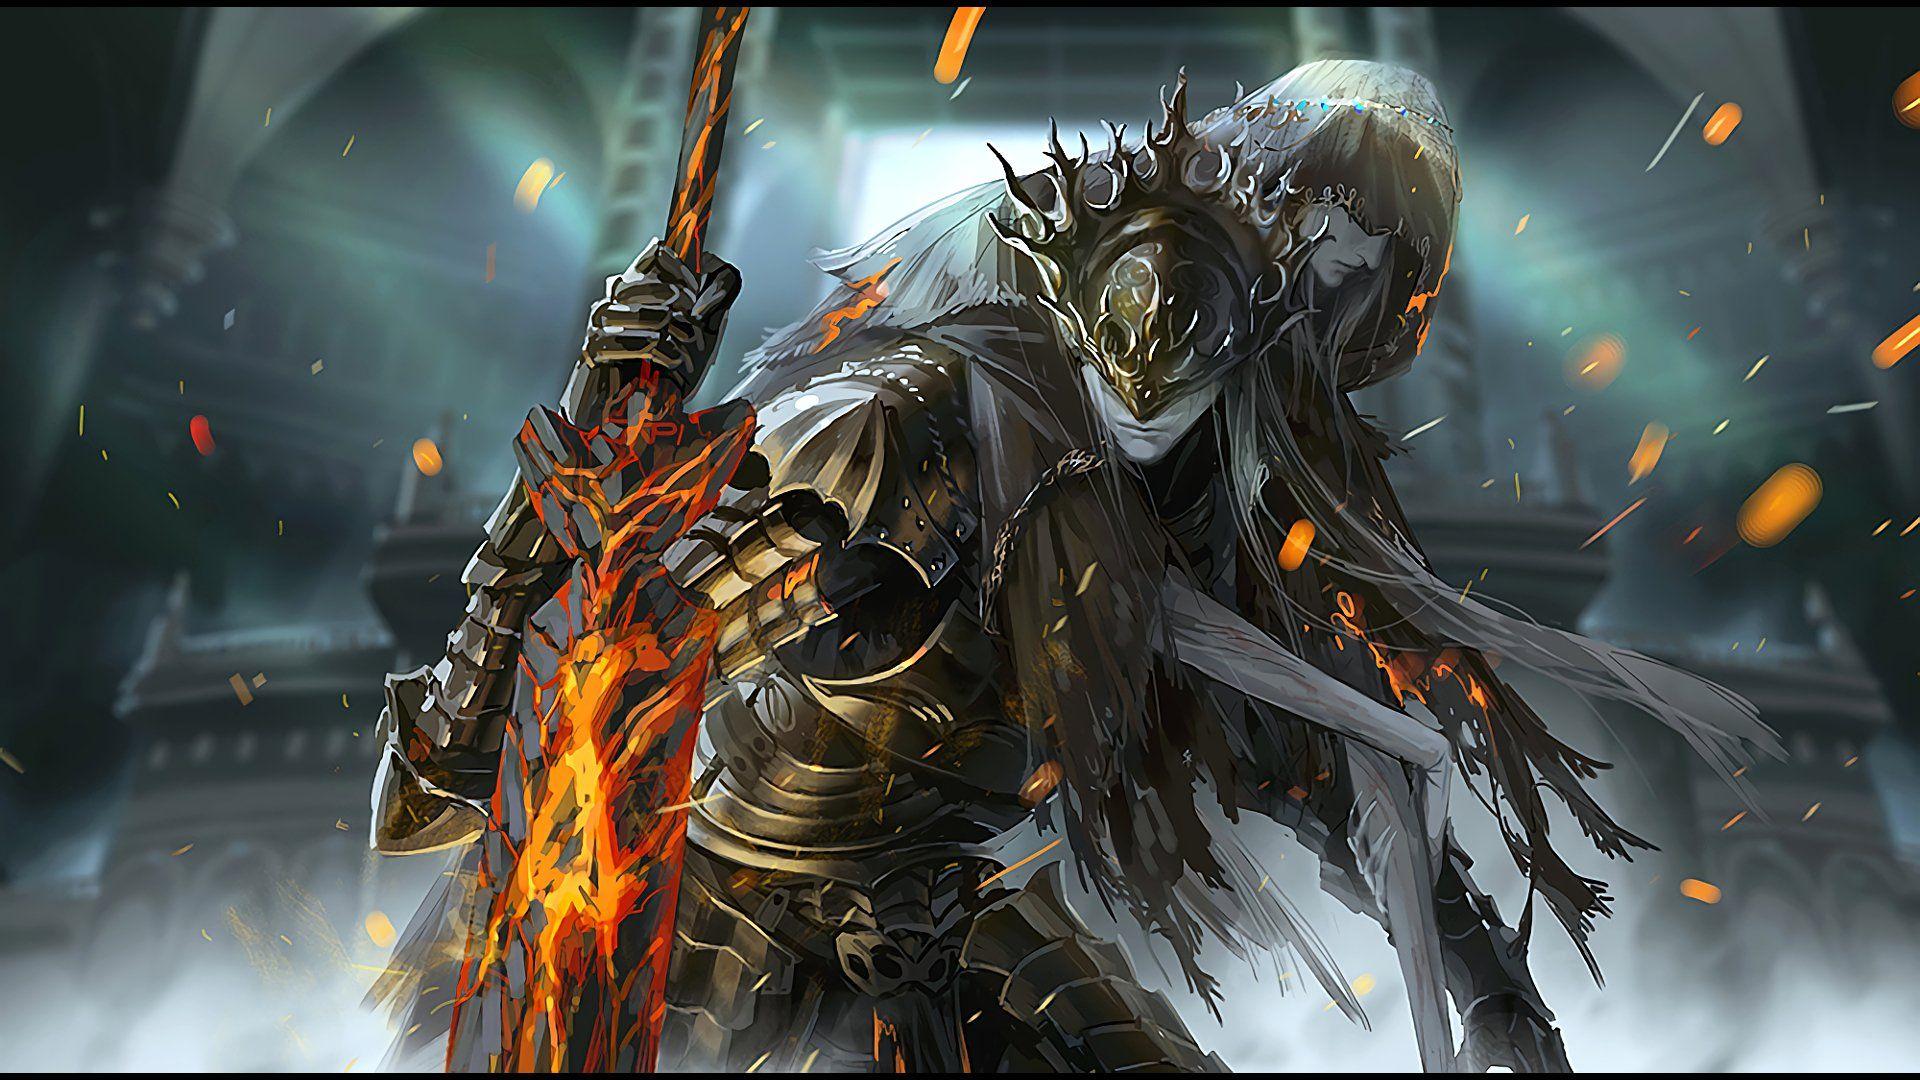 Dark Souls Wallpaper Full Hdp Dark Souls Dark Souls 3